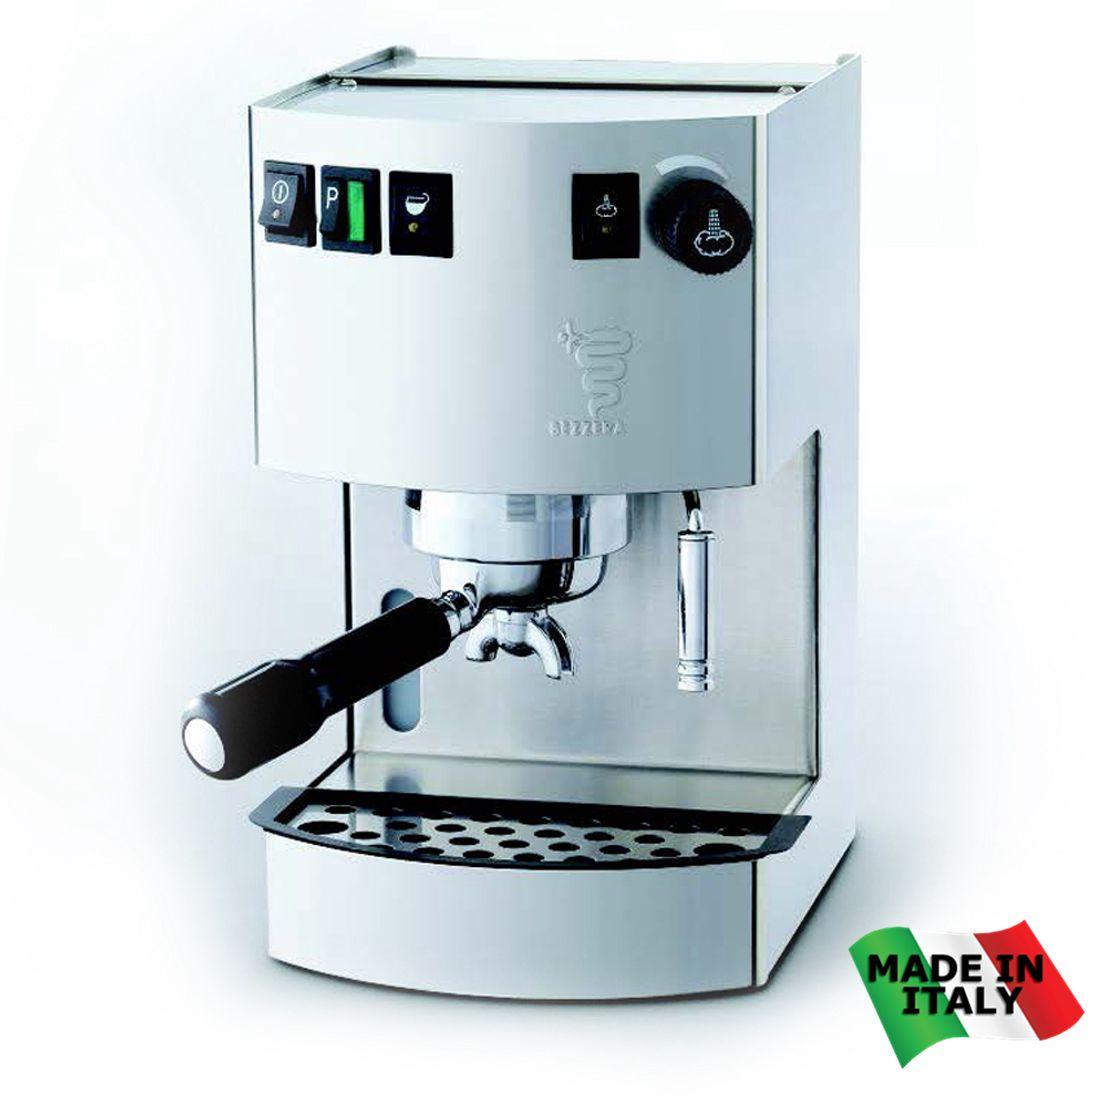 HOBPMS1E Bezzera mini 1 Group Semi-Professional Espresso Coffee Machine